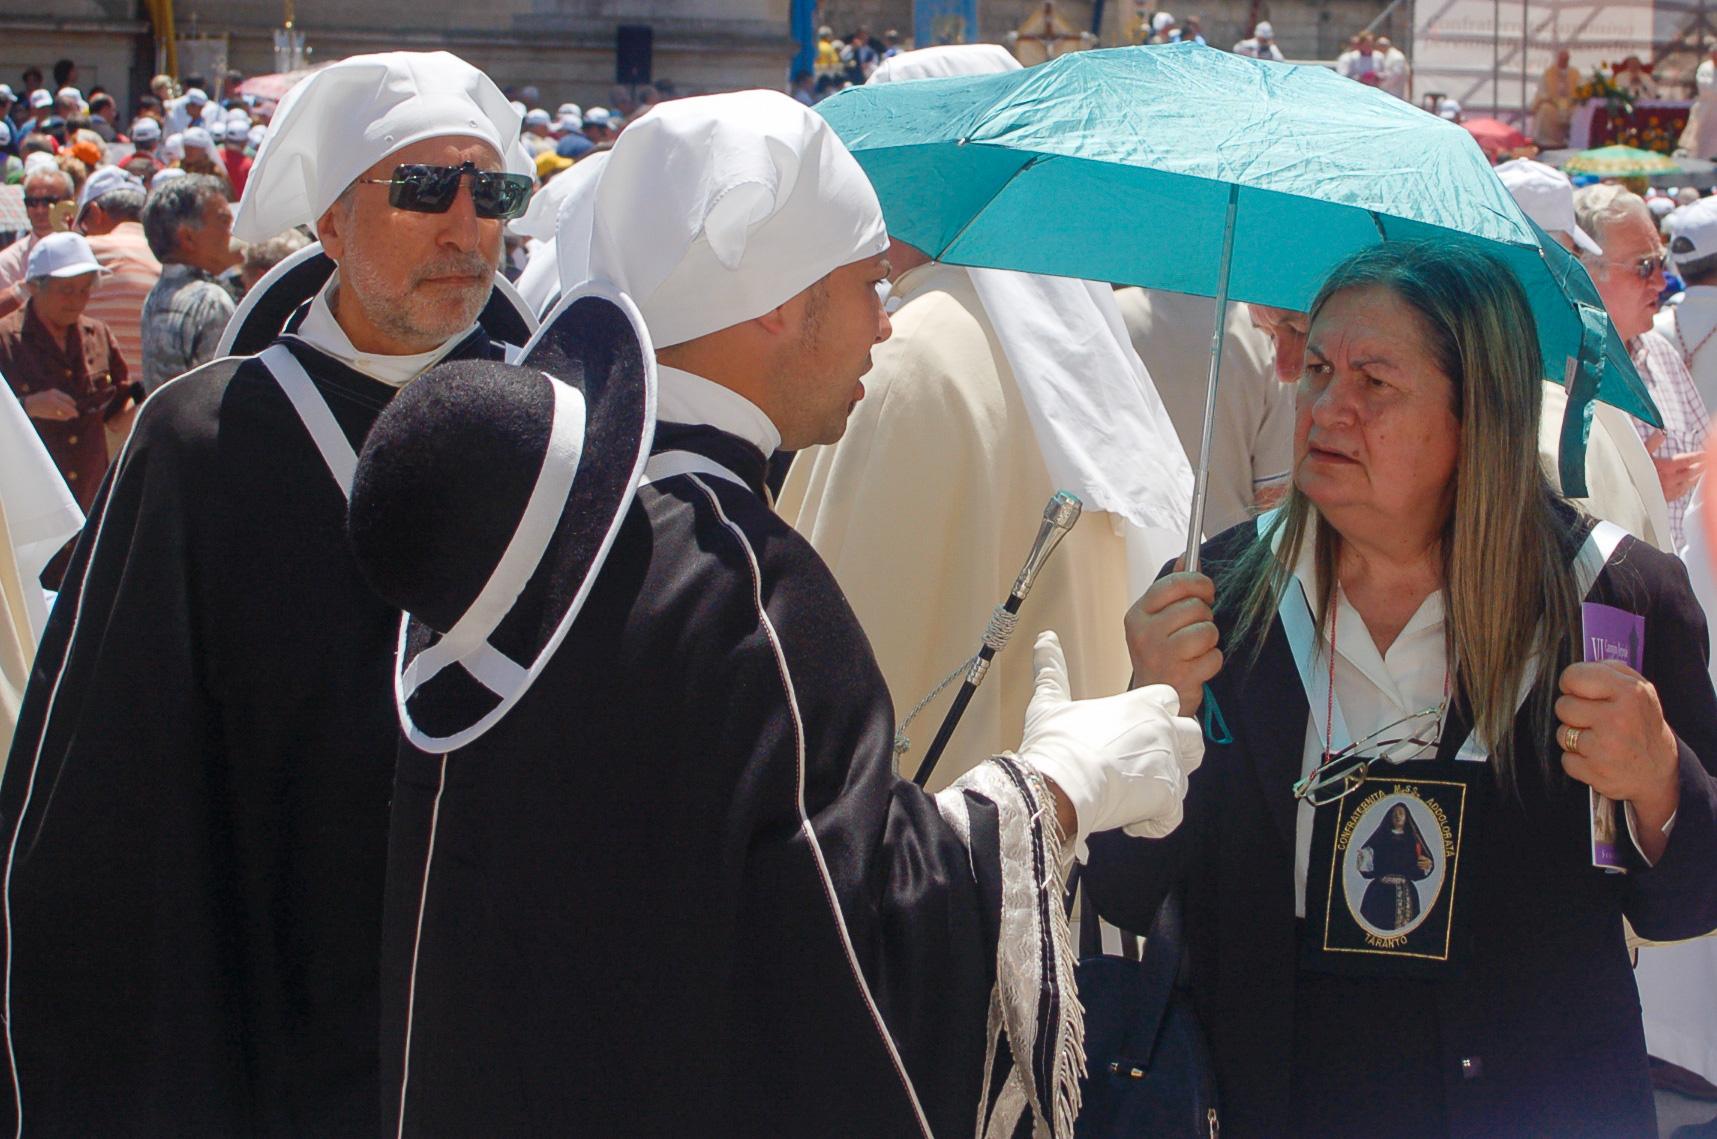 Geistliche mit Sonnenschirm und Sonnebrille in der süitalienischen Stadt Lecce in Apulien